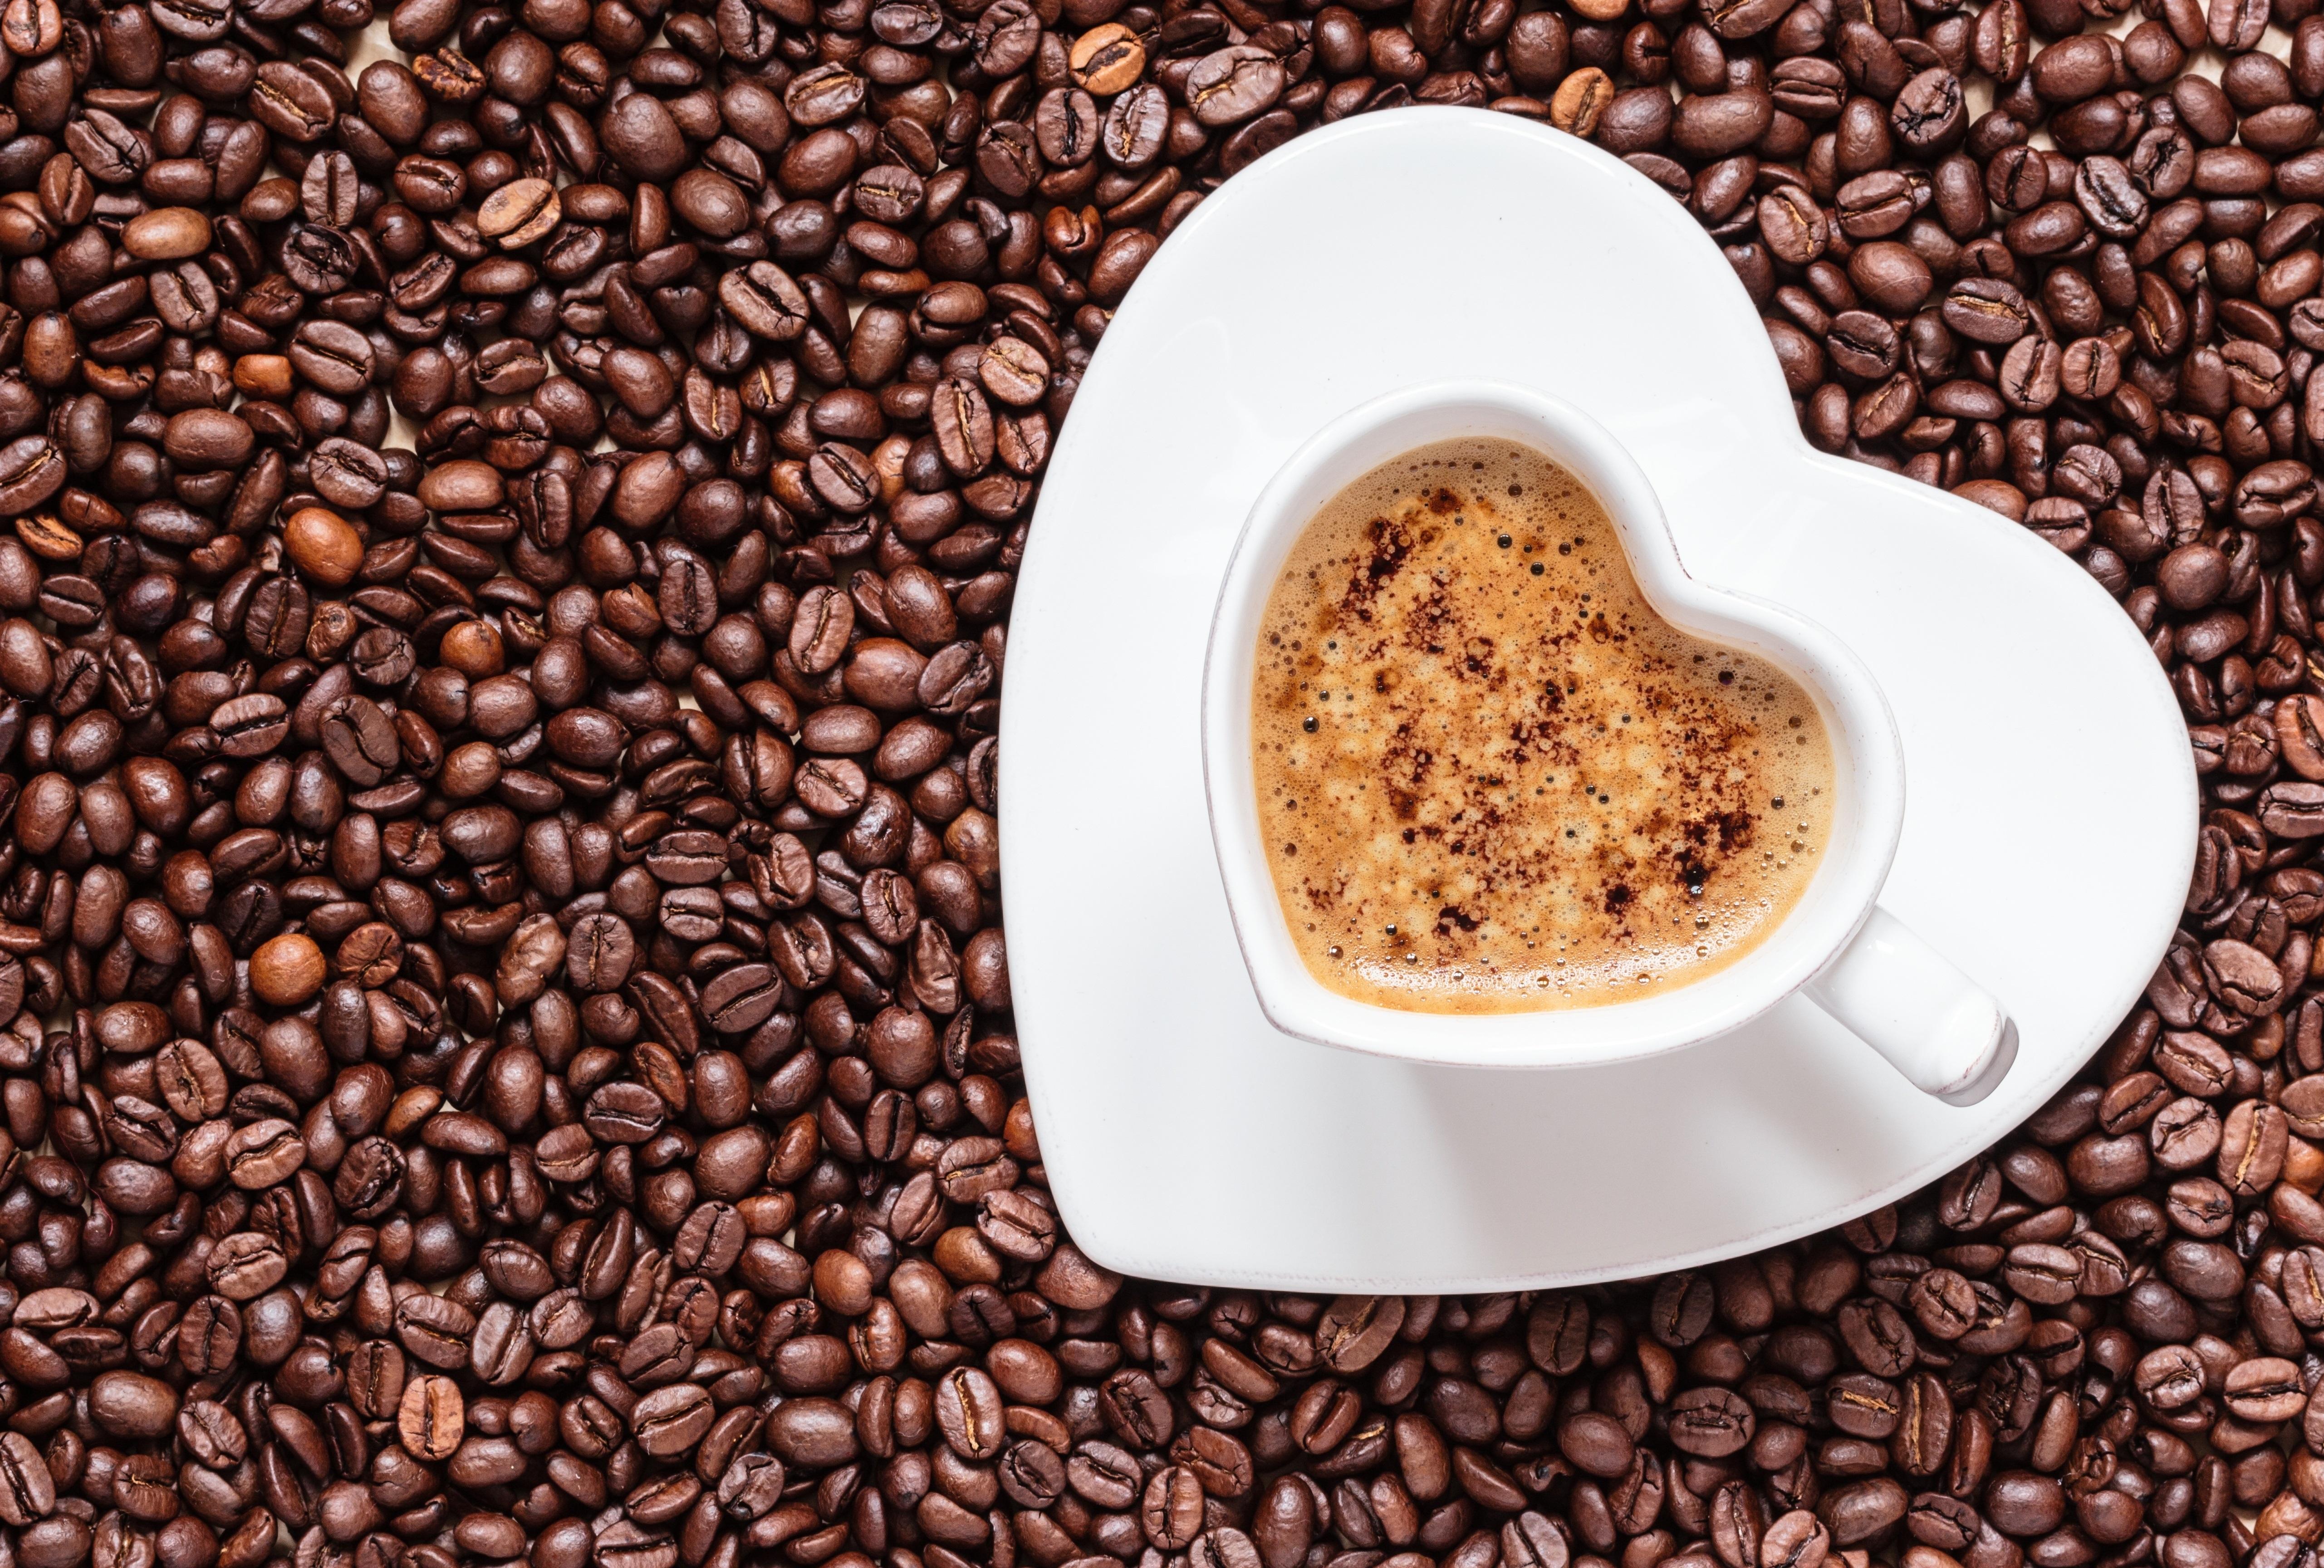 Картинки с чашкой кофе и зернами